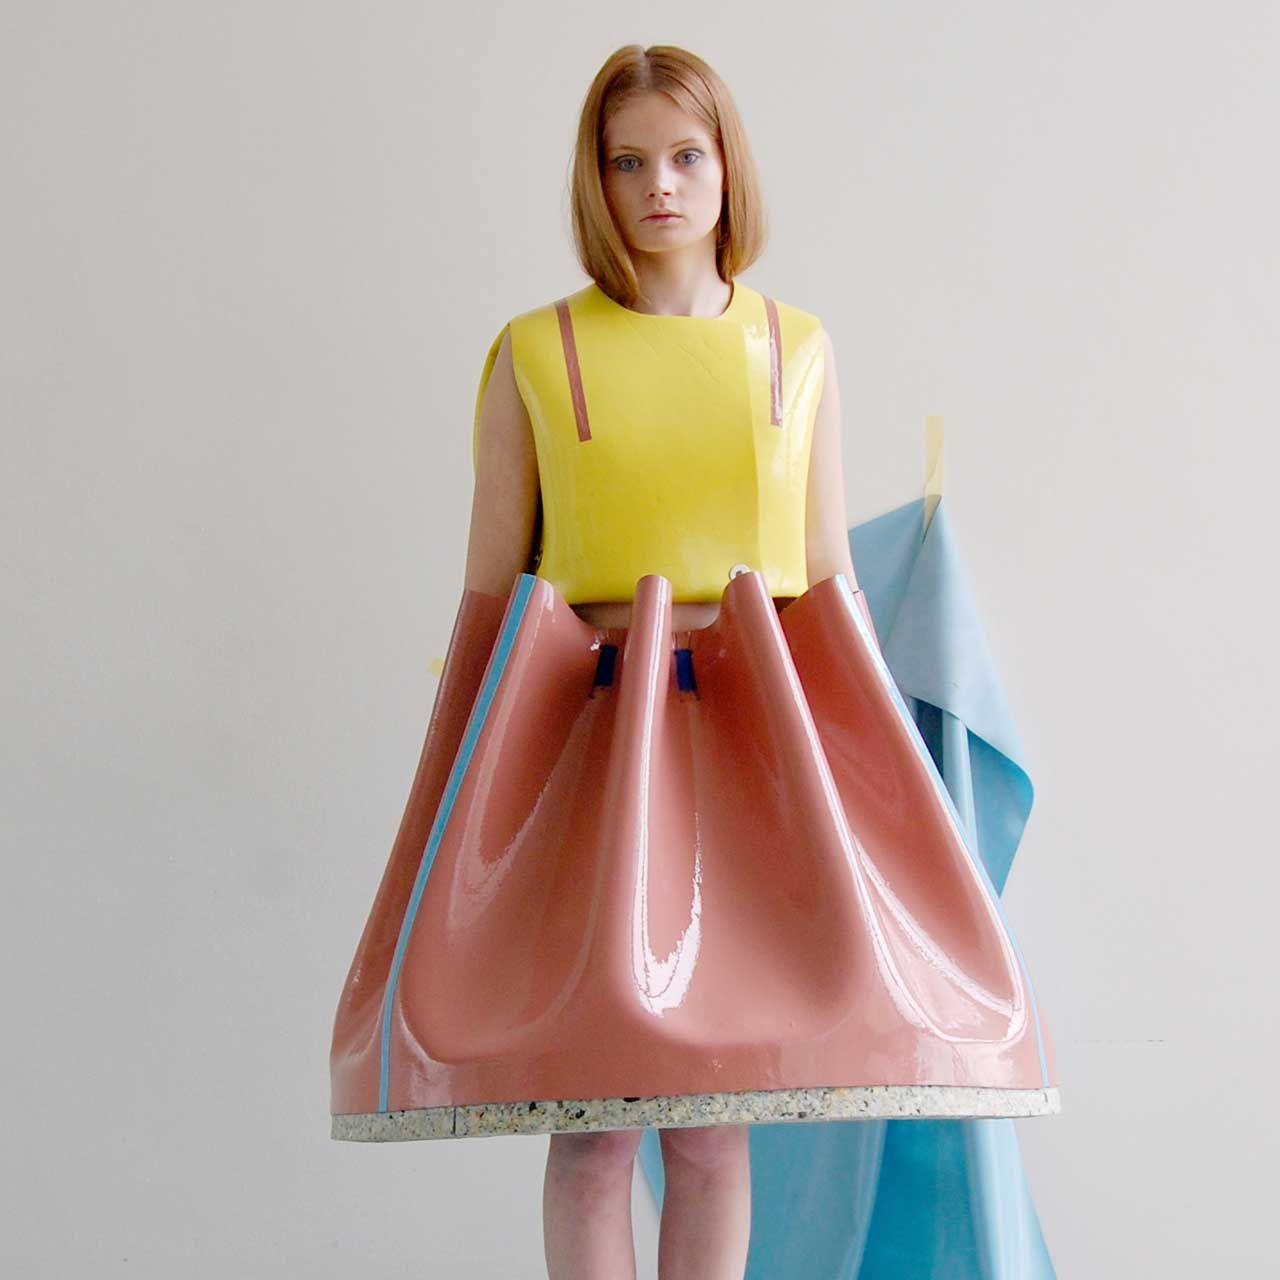 Pop-and-sculptural-fashion-9b.jpg (1280×1280) | FASHION ...